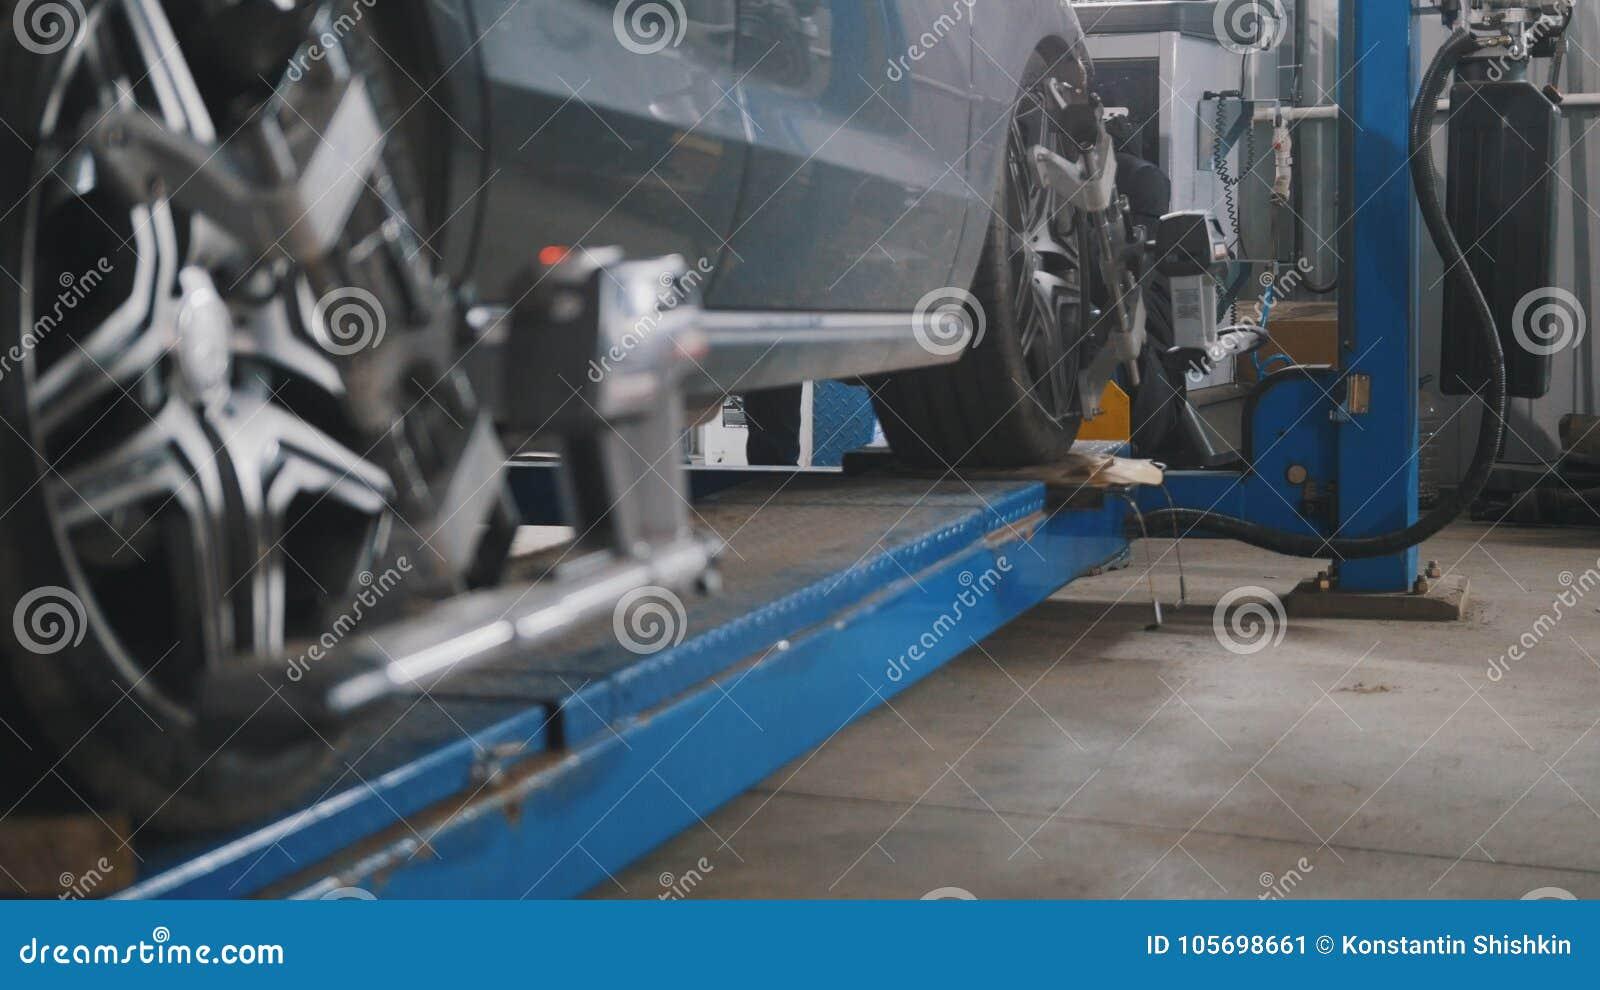 De opgeheven auto in de professionele dienst - de instorting van convergentie - verwerkt het herstellen